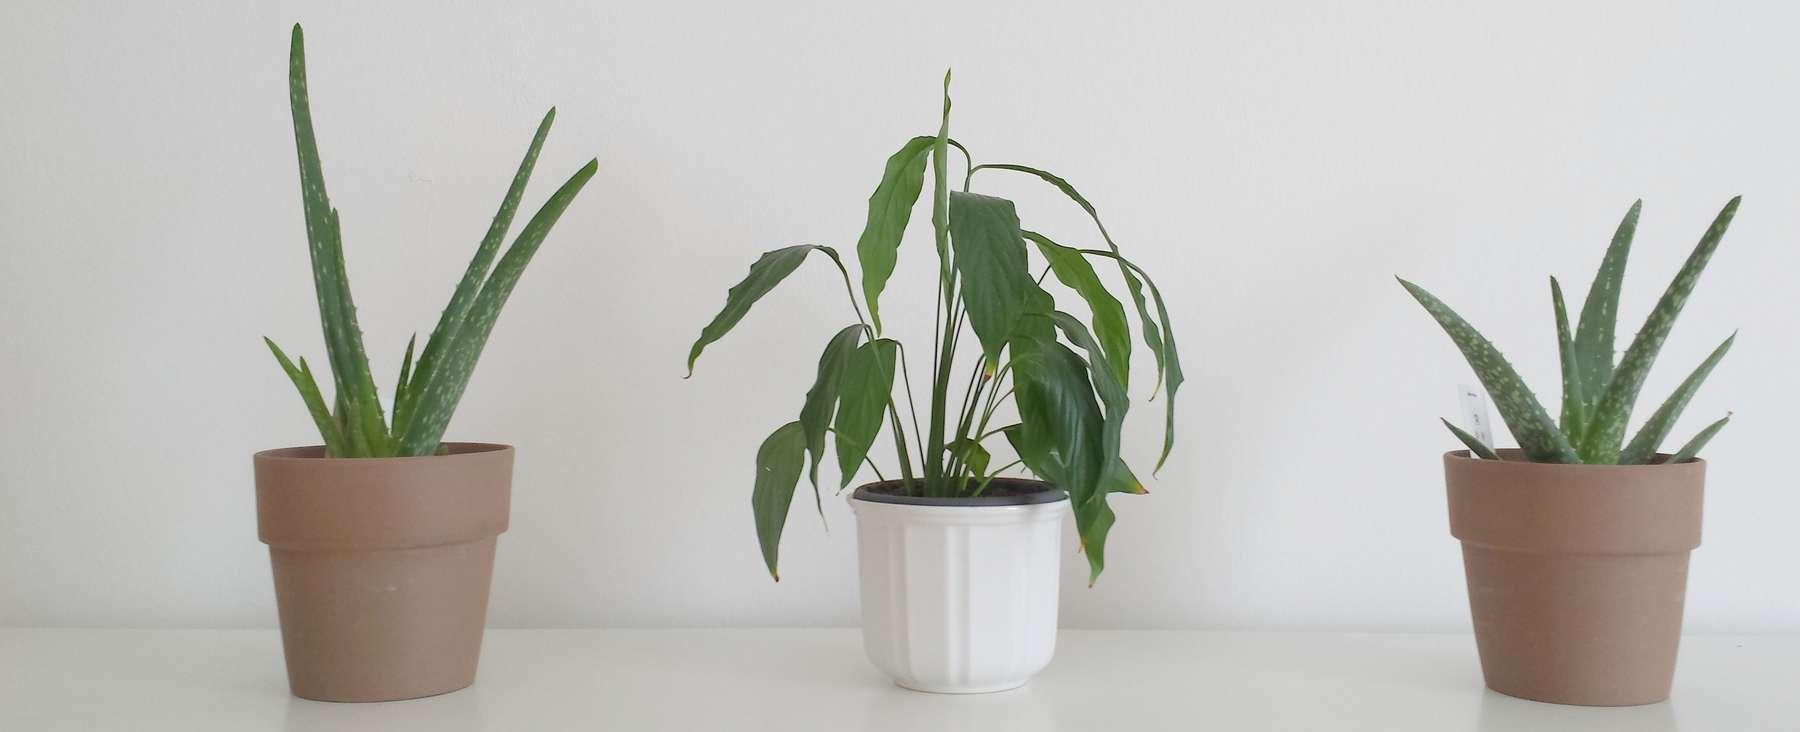 Luftreinigende Pflanzen fürs Schlafzimmer  Lagerhaus Thermenland